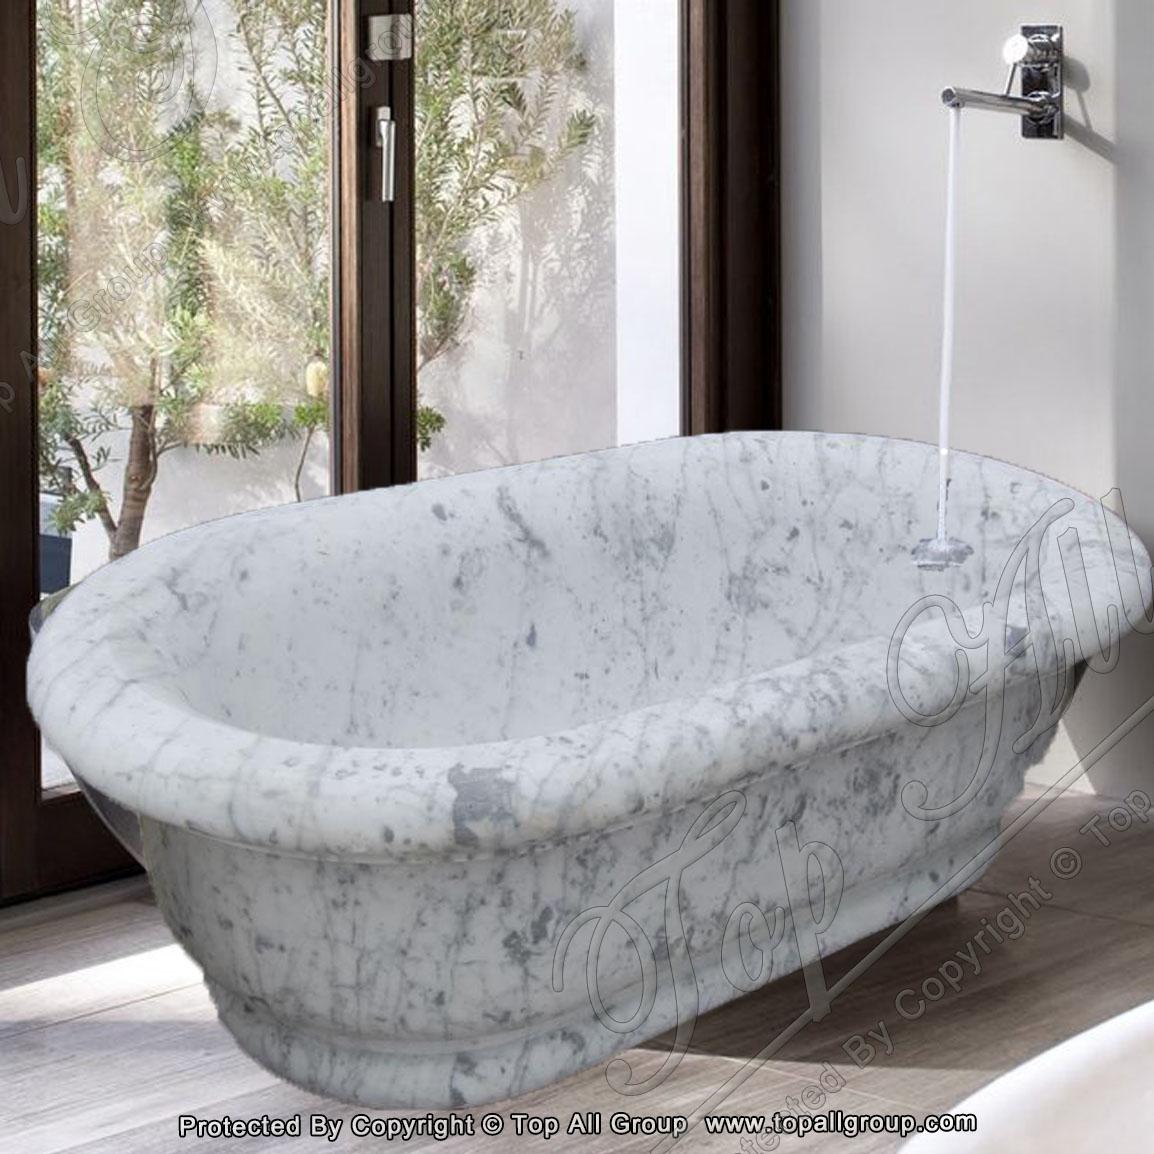 Carrara white marble bathtub